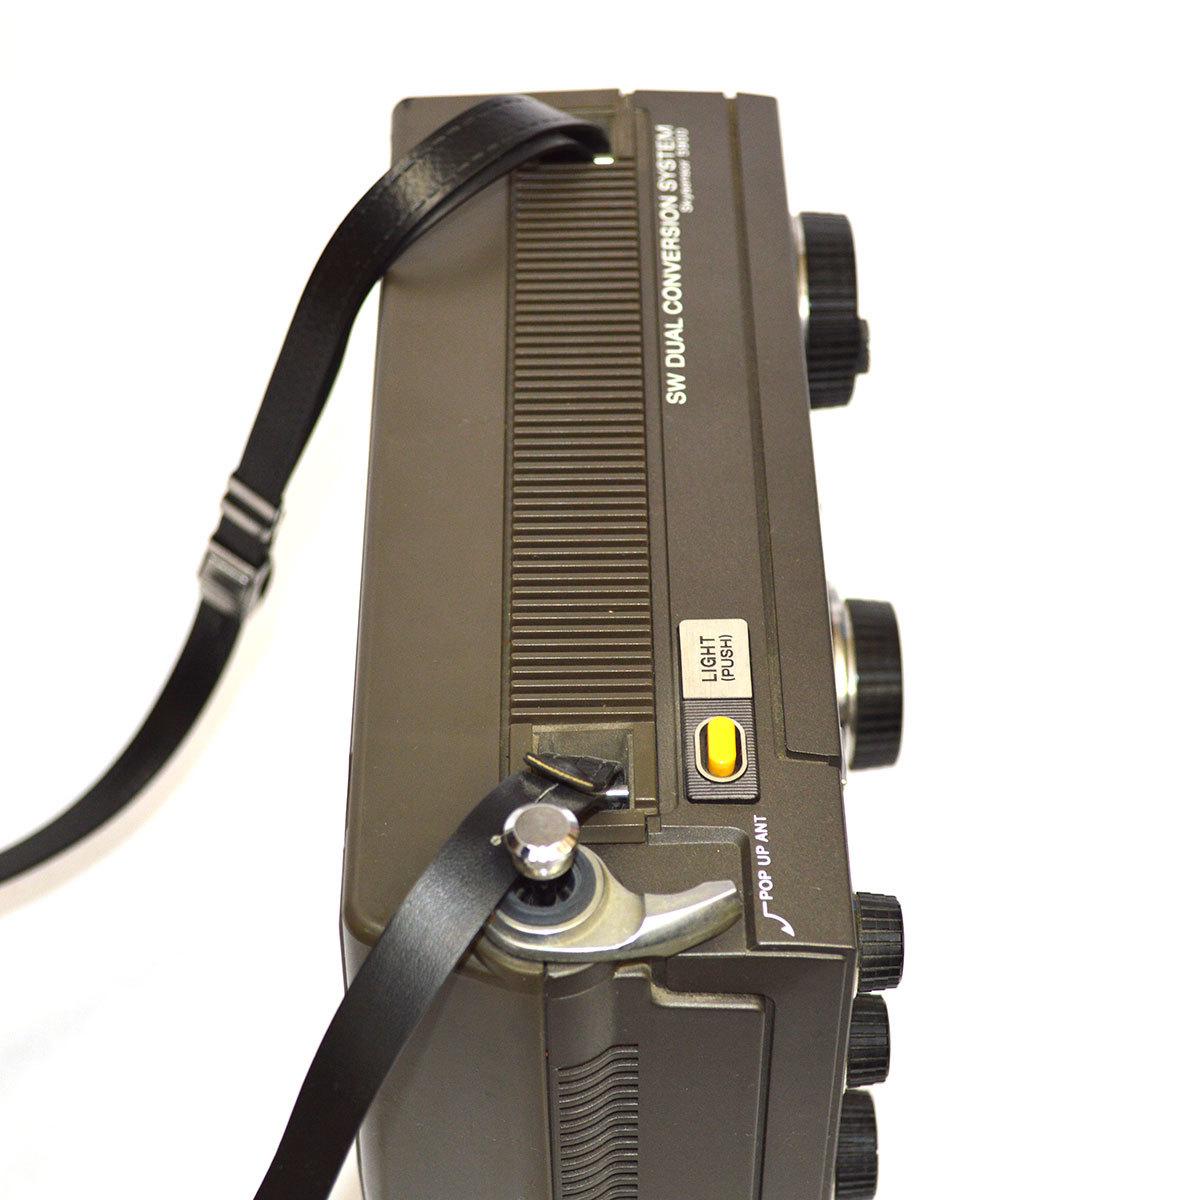 当時物 SONY ソニー ICF-5900 ラジオ スカイセンサー 5BAND バンド マルチバンド レシーバー 昭和 レトロ 東E_画像3